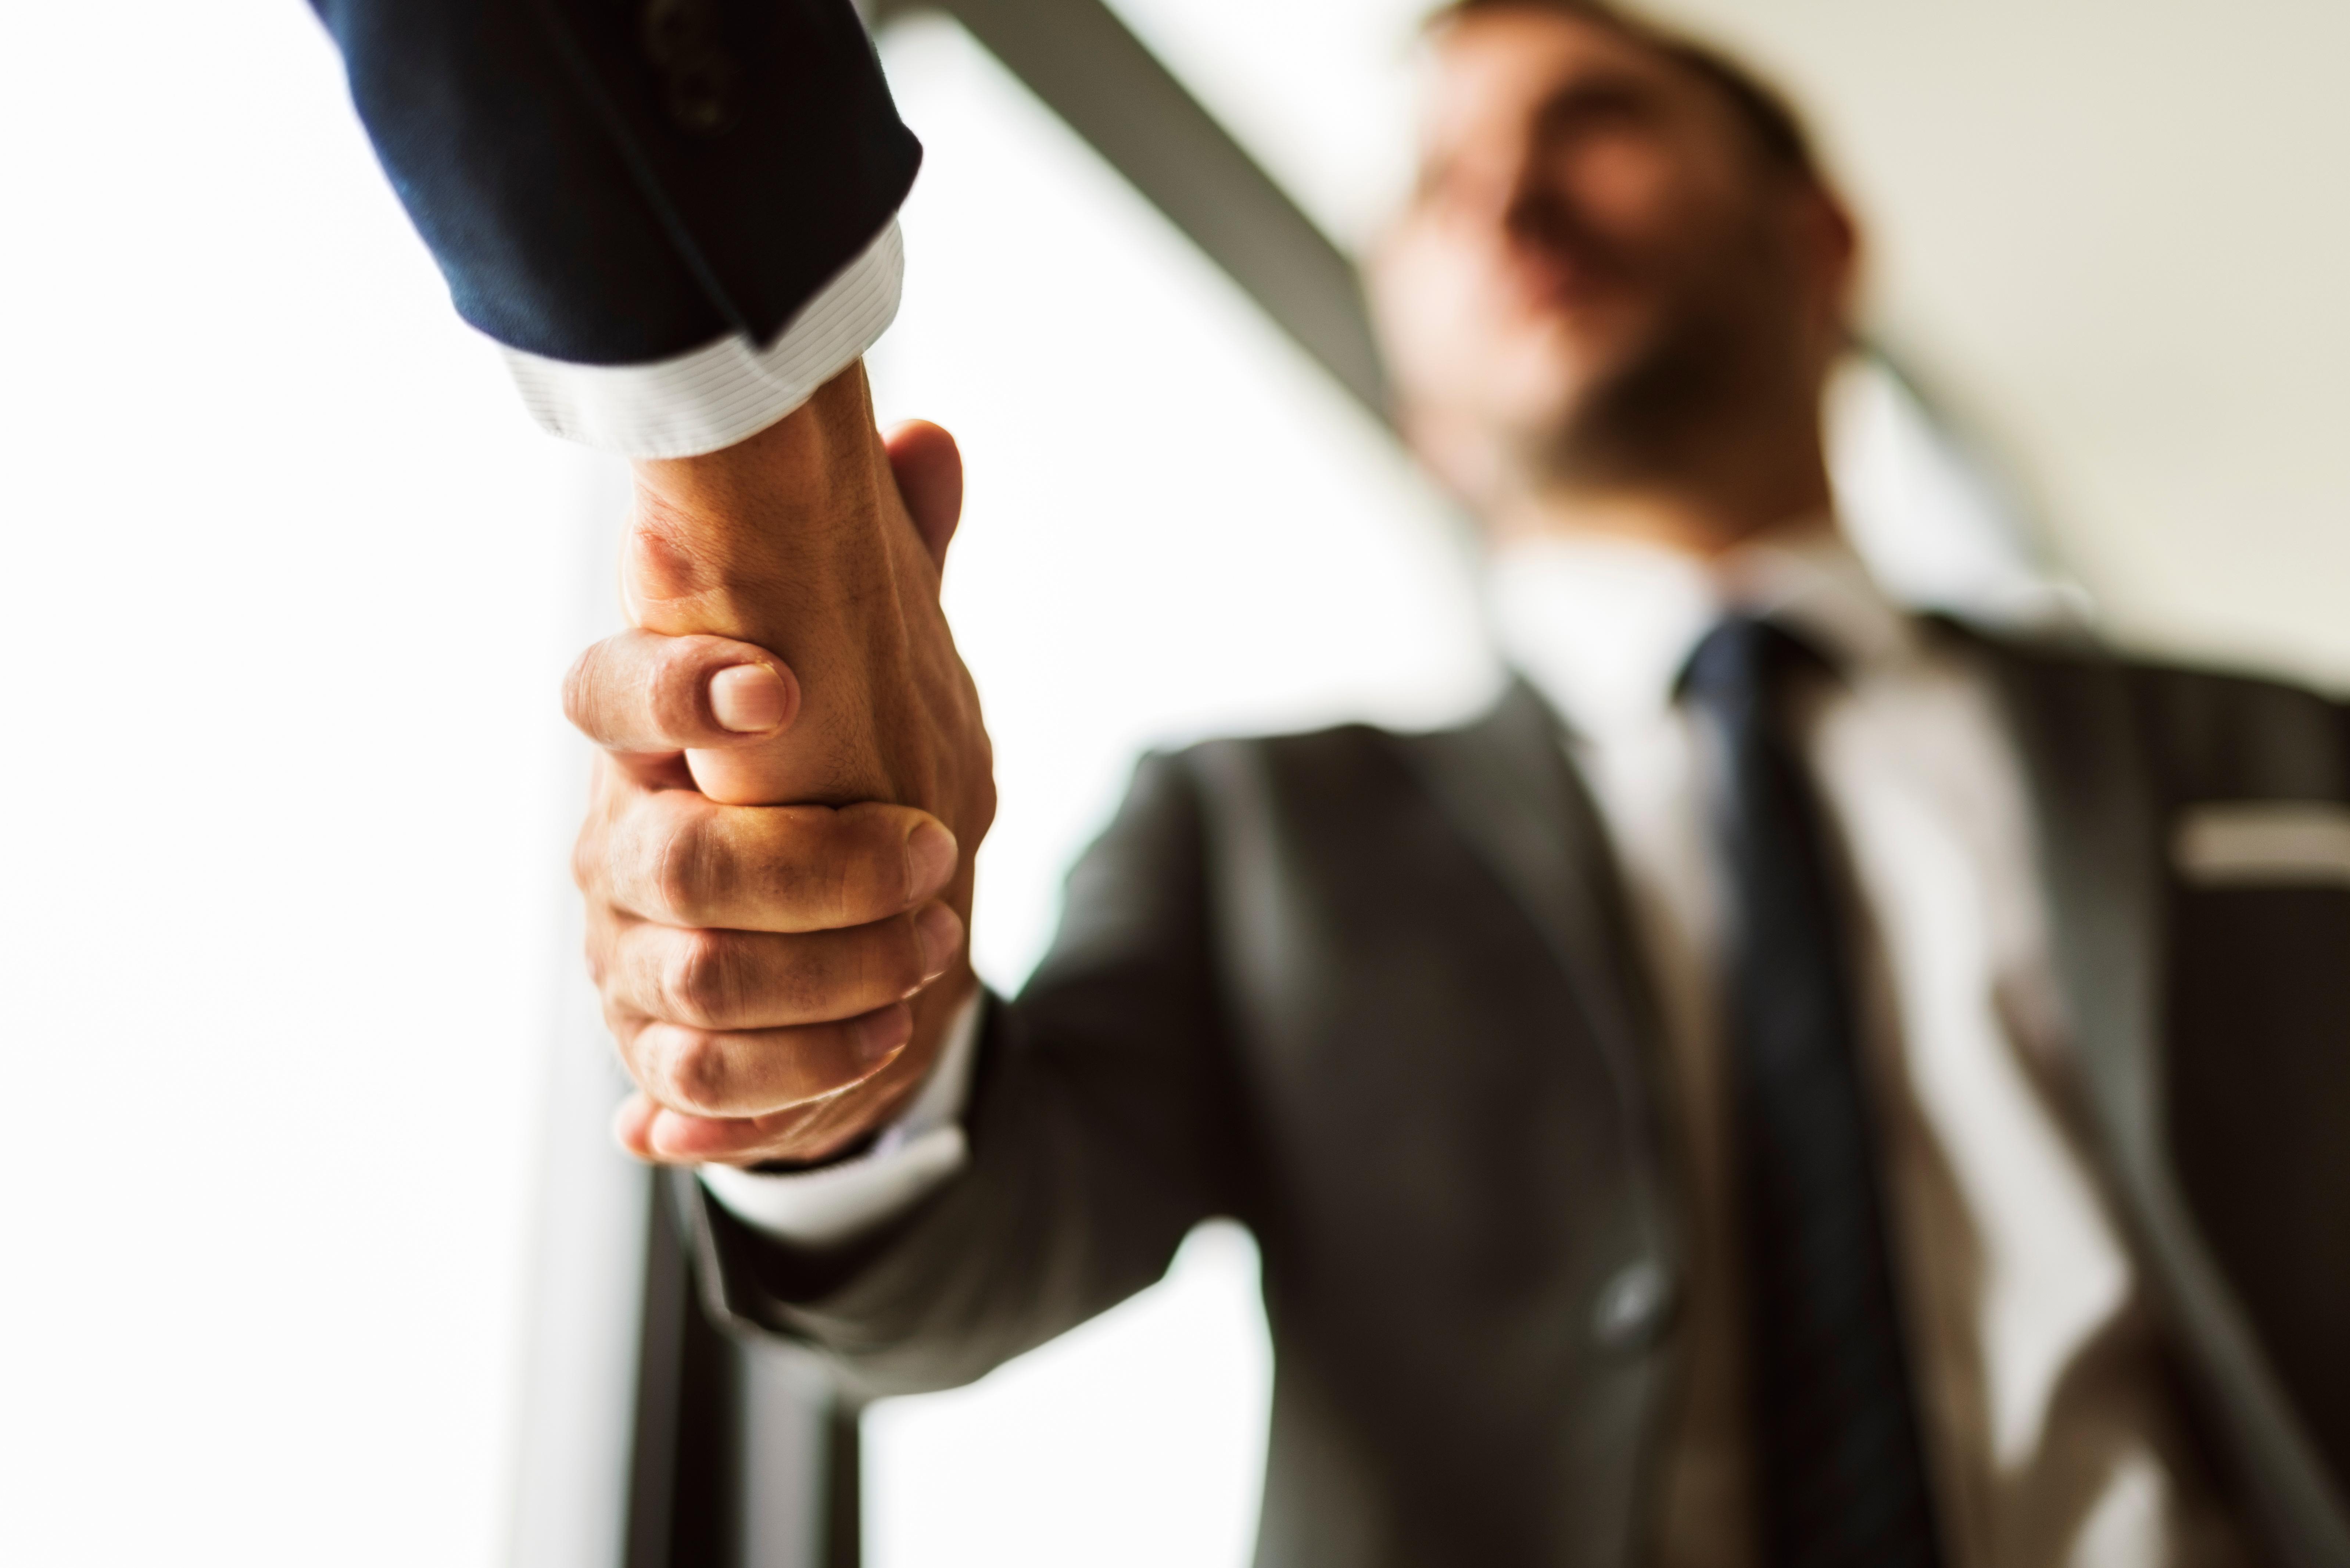 deal-businessmen-handshake-partnership-concept-PF3GLKS.jpg